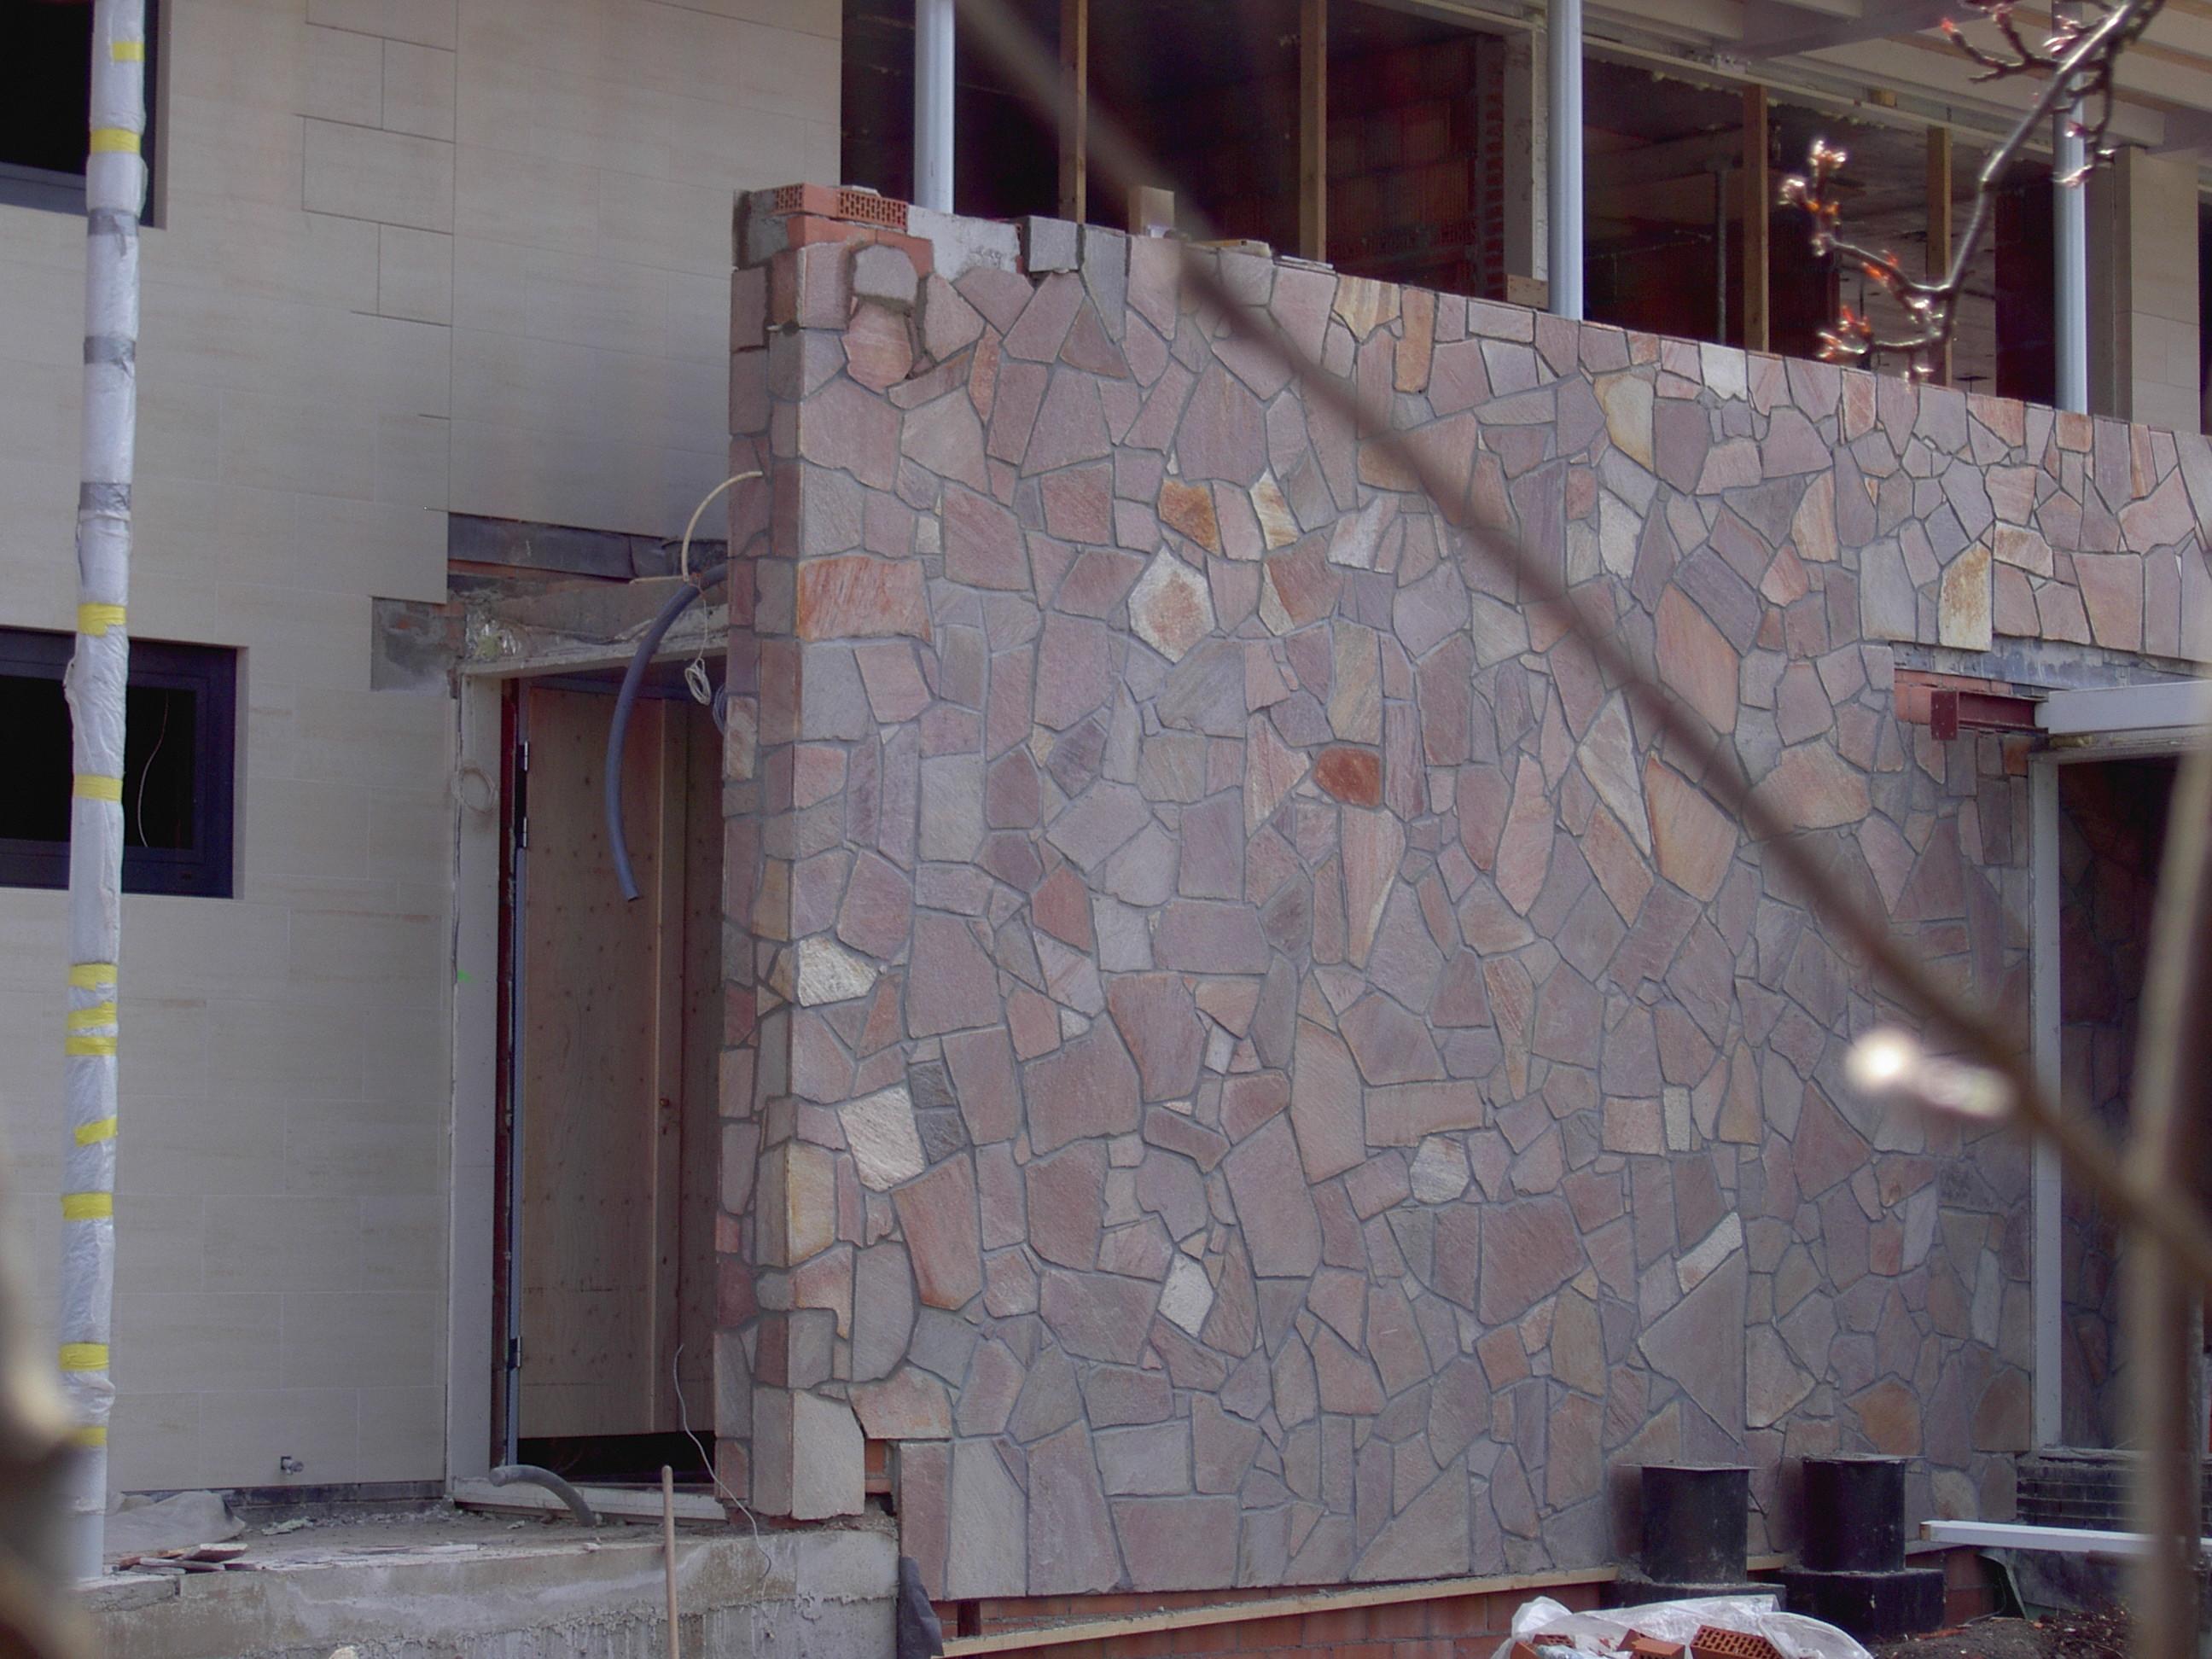 Groot Bestek Voor Aan Muur.Flagstone Wandbekleding Alles Over Flagstones Gevels Muren Wanden